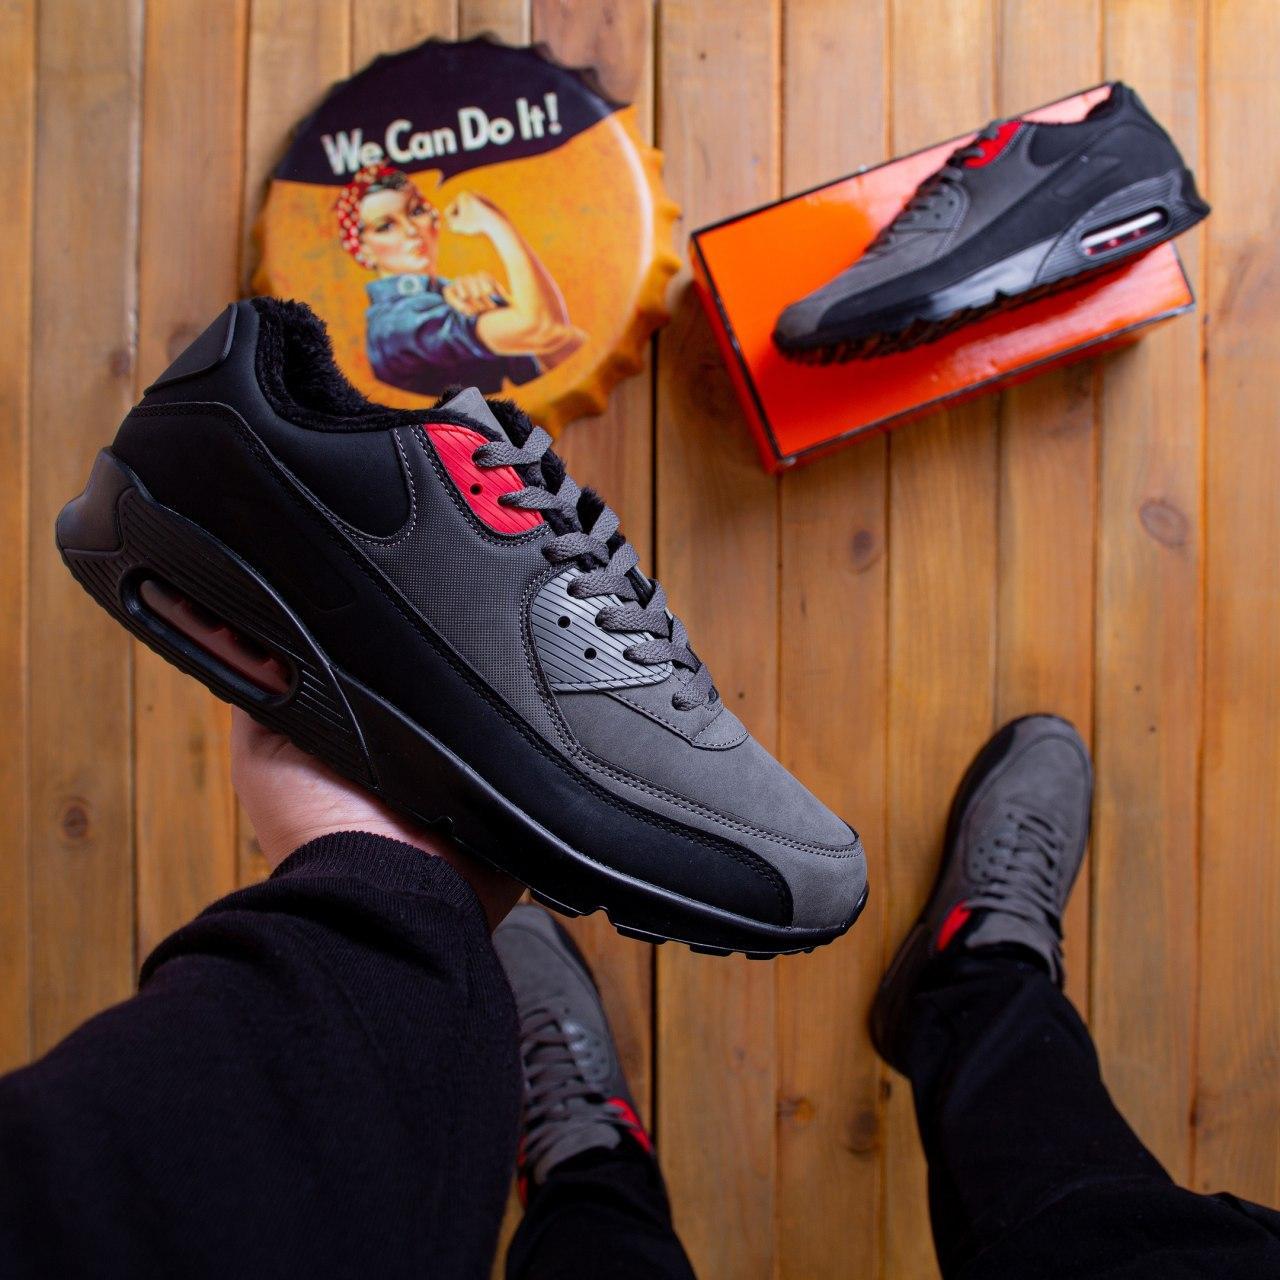 Чоловічі черевики Ривал 90 лоу Pobedov (чорно-сірі) 45